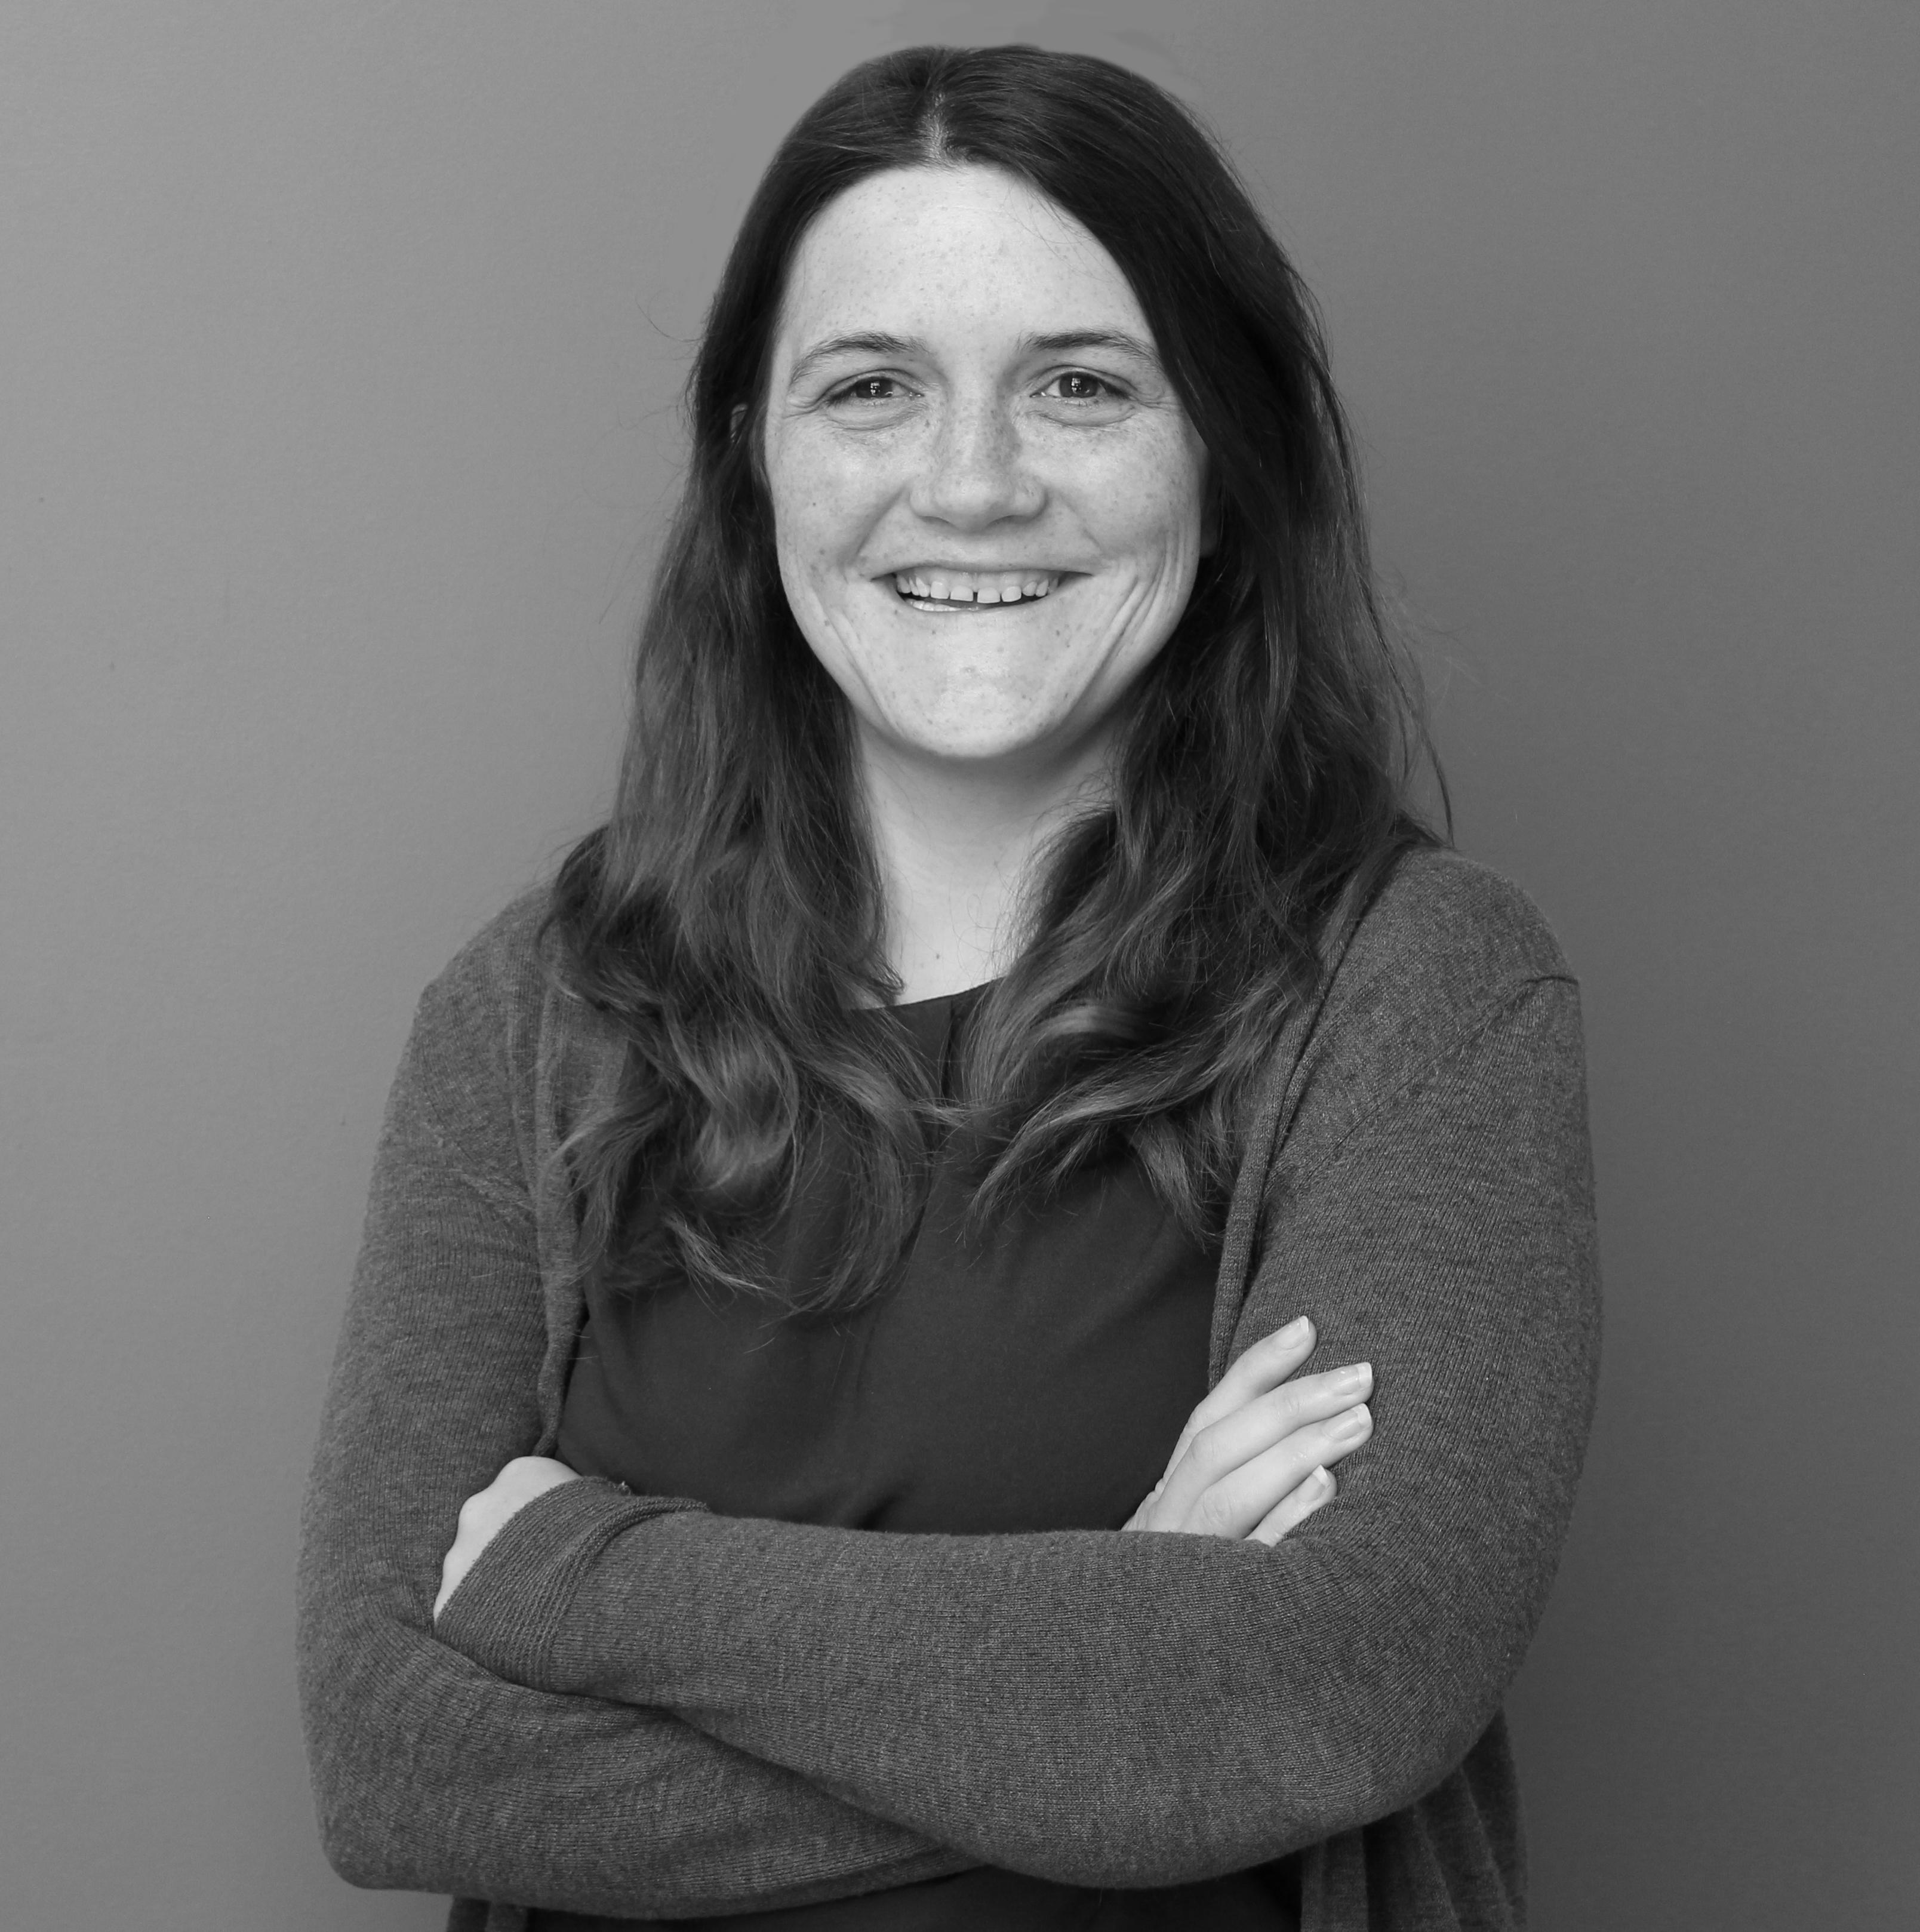 Emma Bramley | Digital Marketing Executive